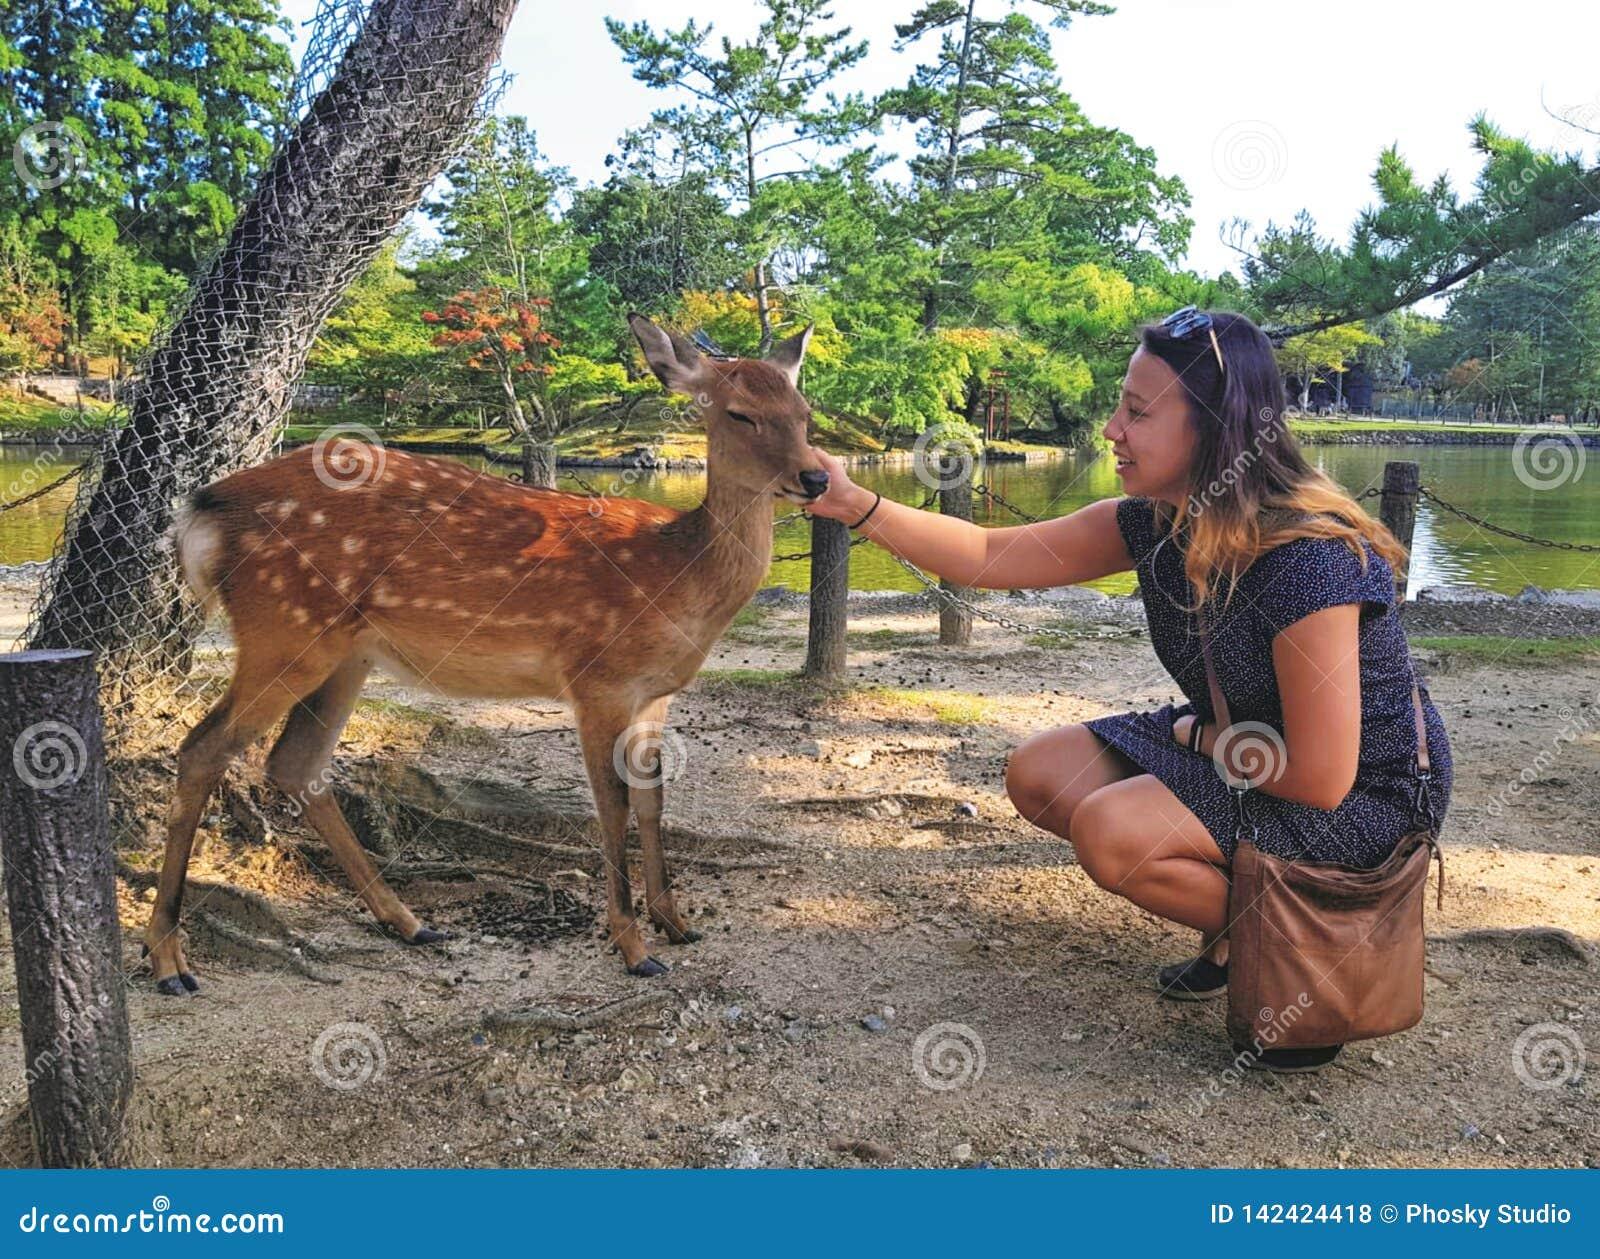 Девушка ласкает оленей